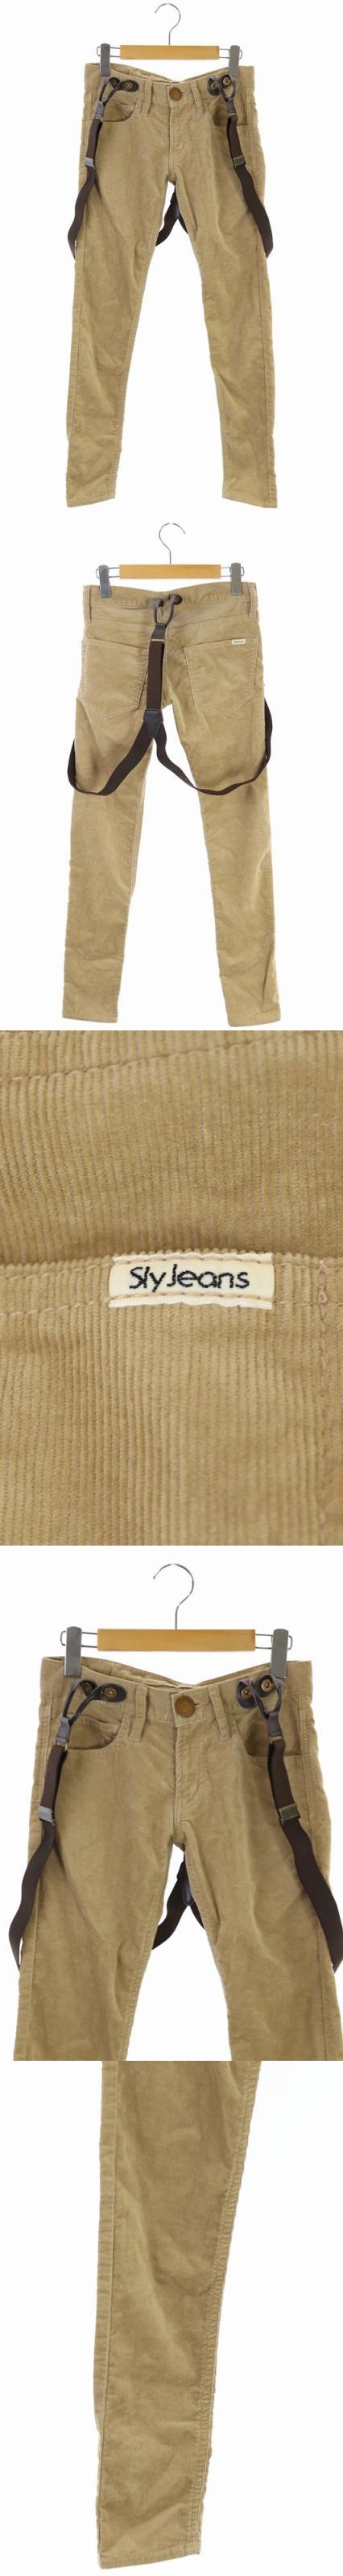 ジーンズ Jeans パンツ スキニー コーデュロイ サスペンダー付き 23 ベージュ /AO